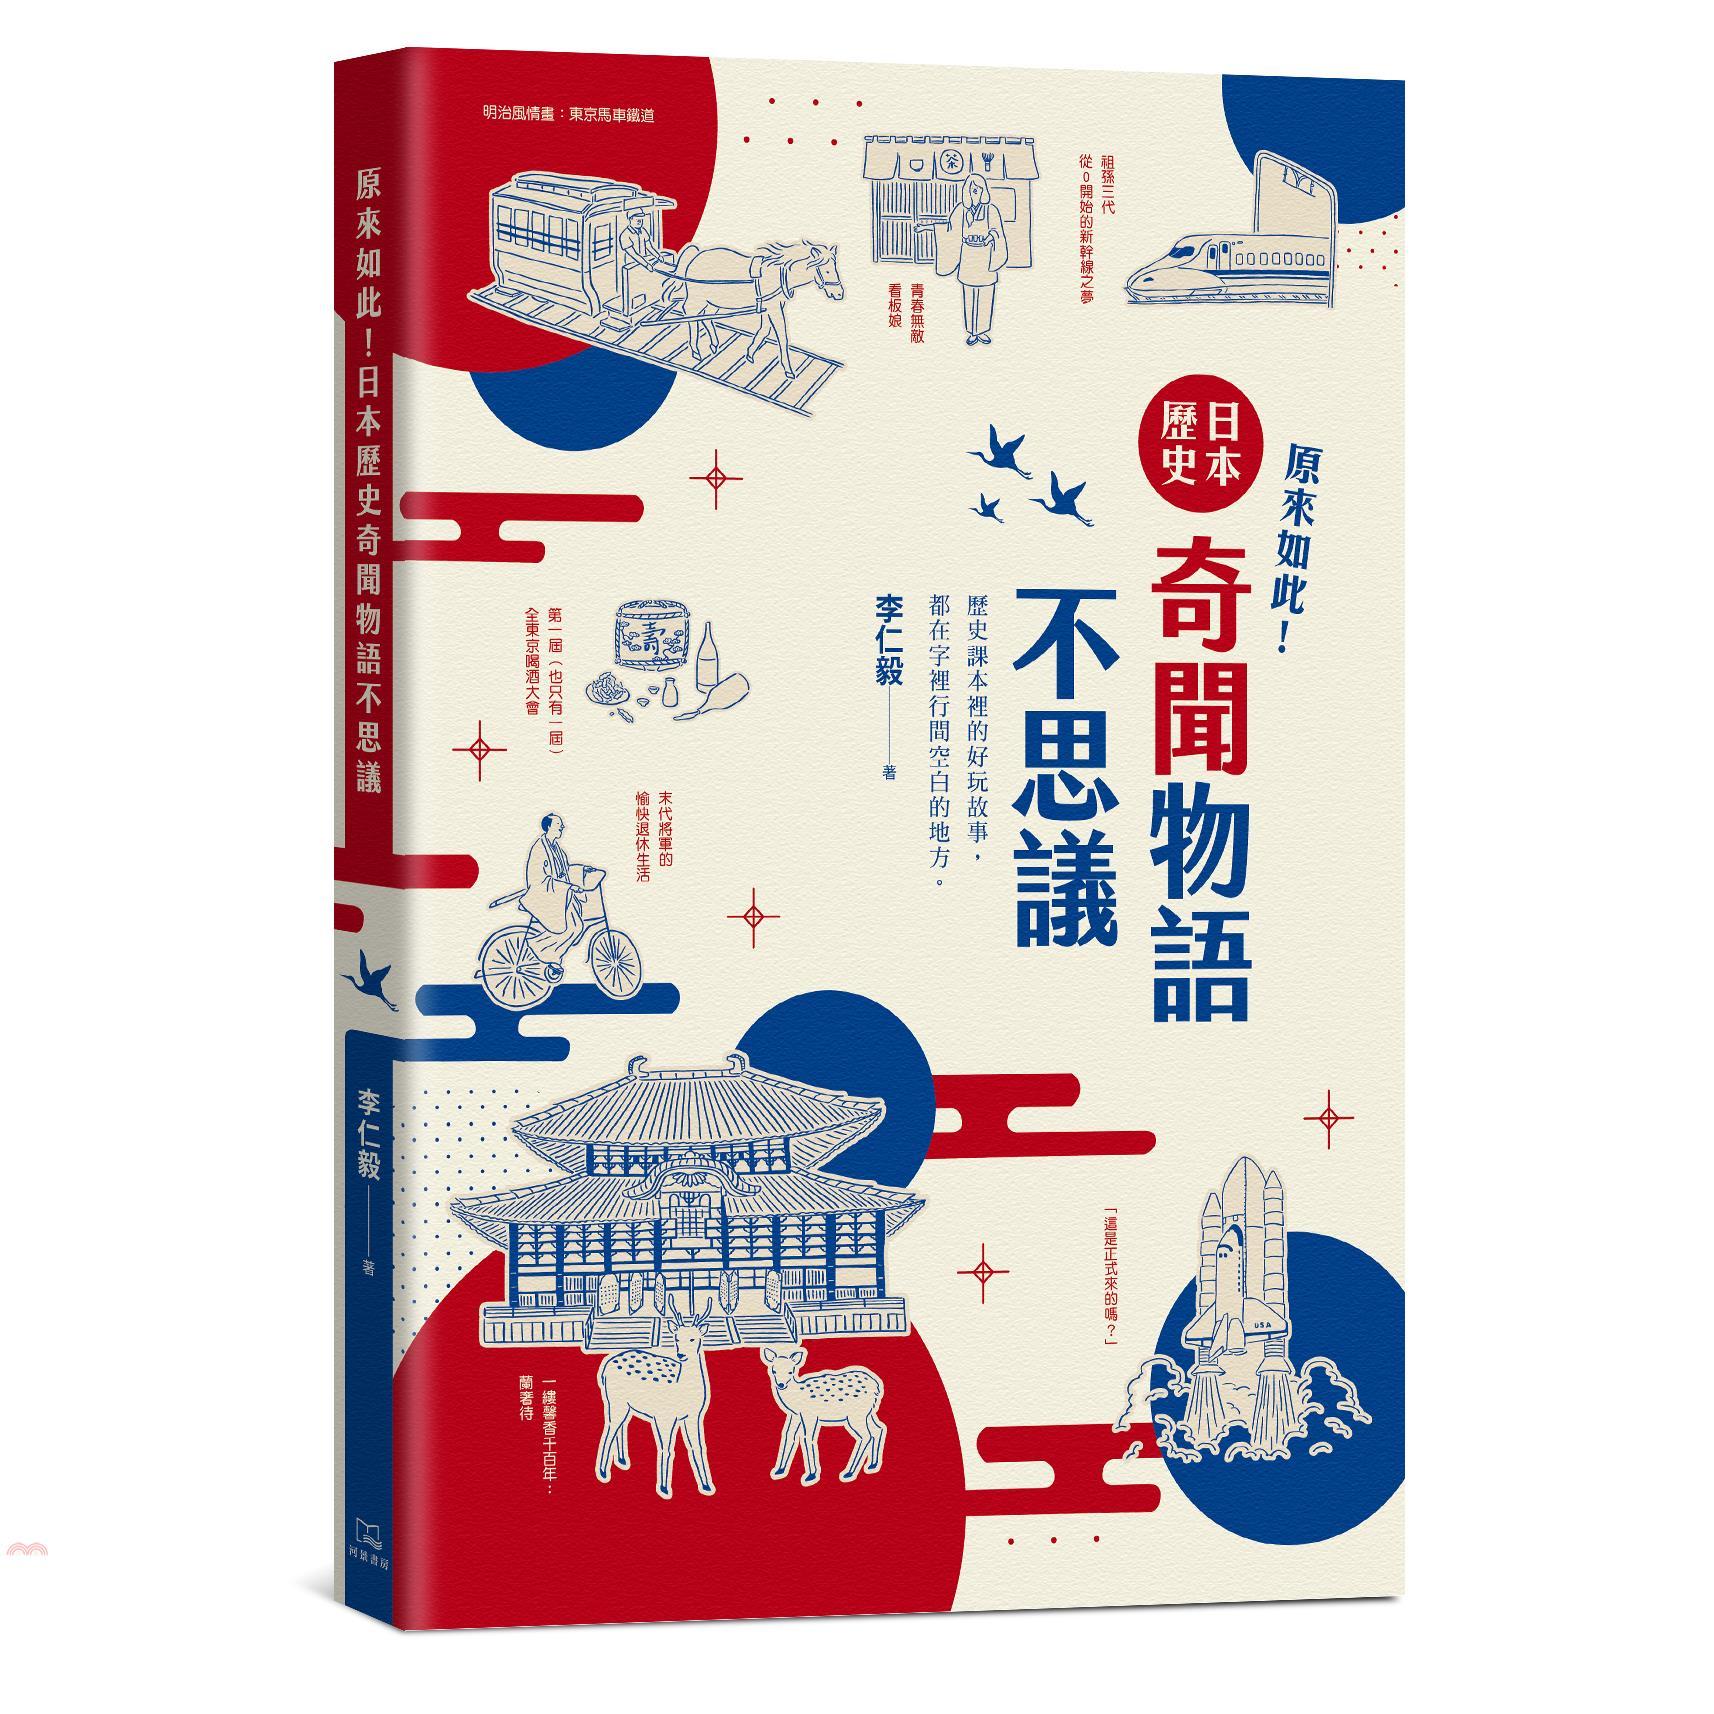 書名:原來如此!日本歷史奇聞物語不思議定價:350元ISBN13:9789869883634出版社:東美作者:李仁毅-作;林桂琴-繪裝訂/頁數:平裝/244版次:1規格:21cm*14.8cm (高/